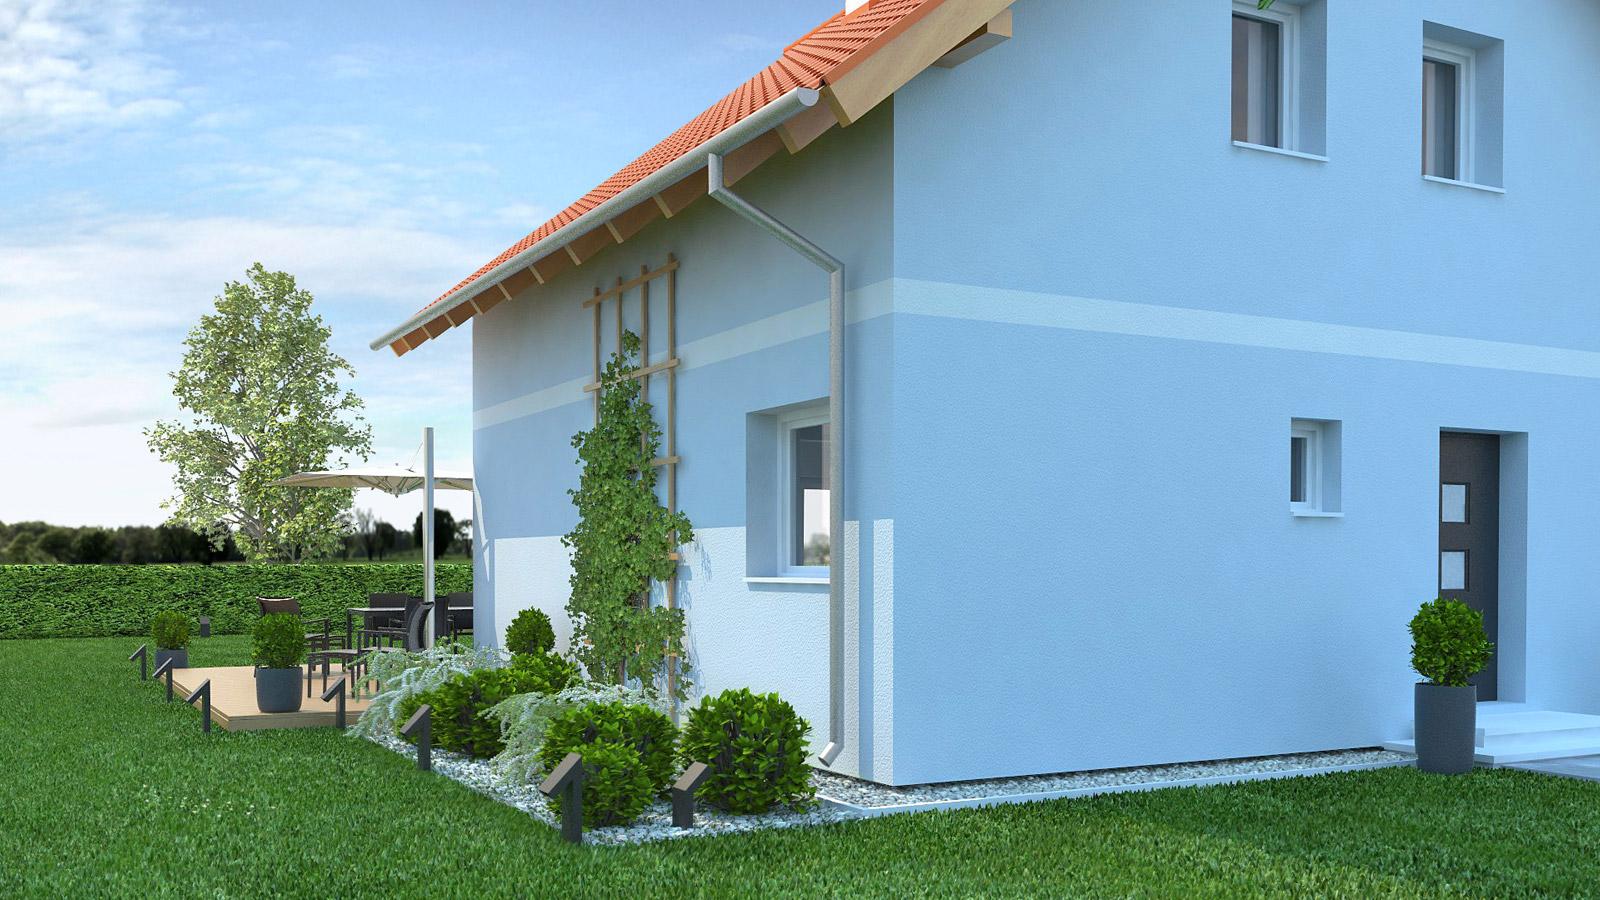 http://www.dasloewenhaus.at/wp-content/uploads/2017/02/Loewenhaus_Yellow_Detailansicht_Satteldach_Haus-blau.jpg